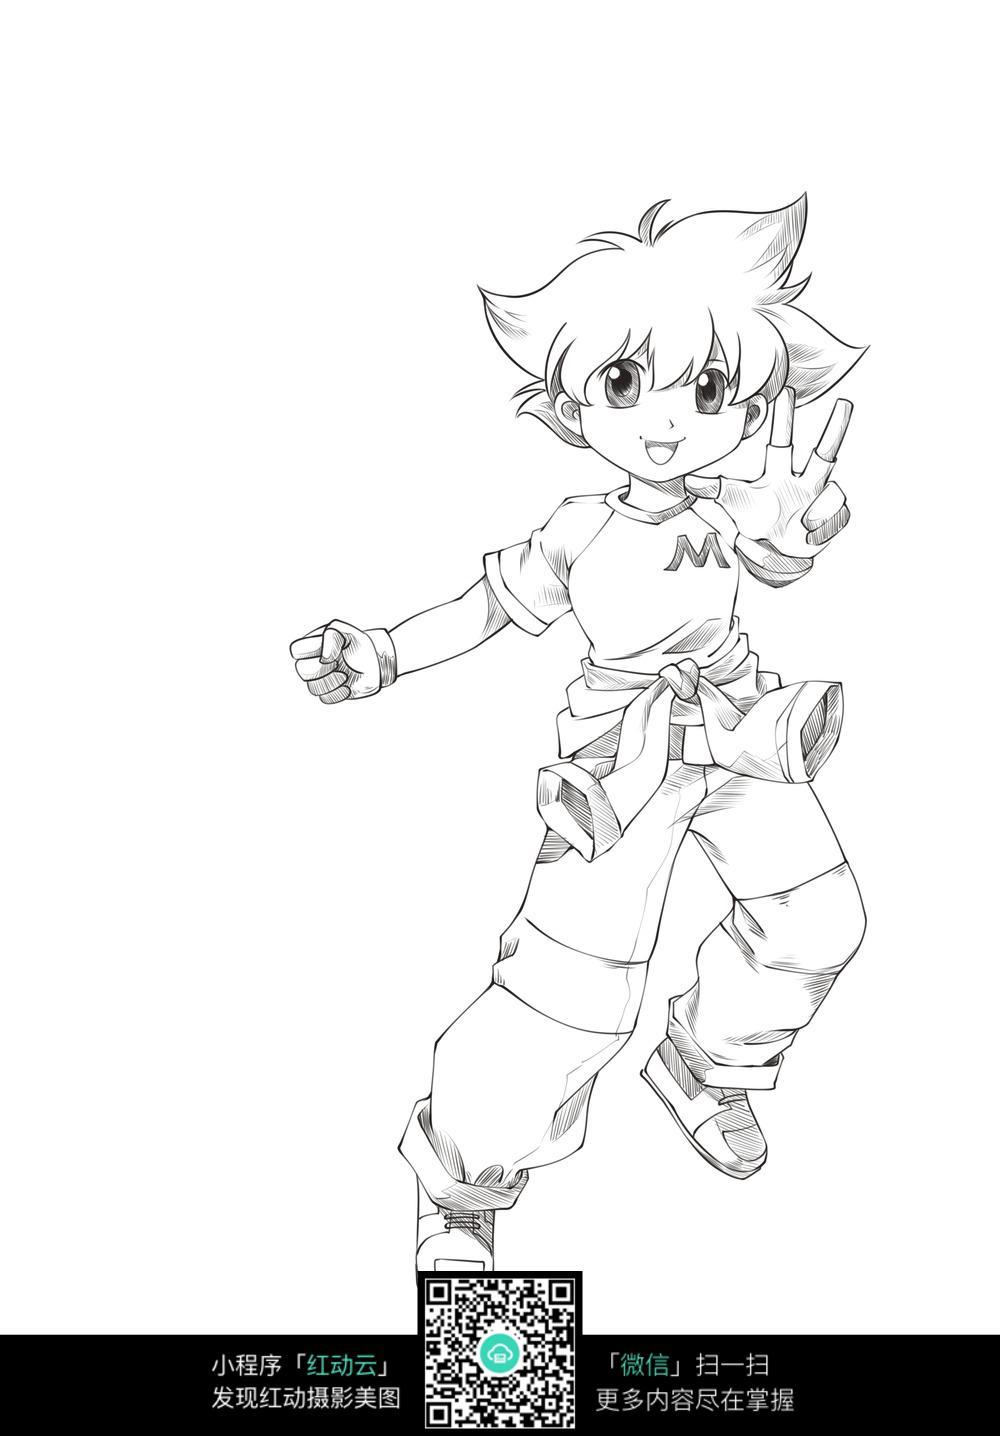 可爱男孩卡通手绘线稿